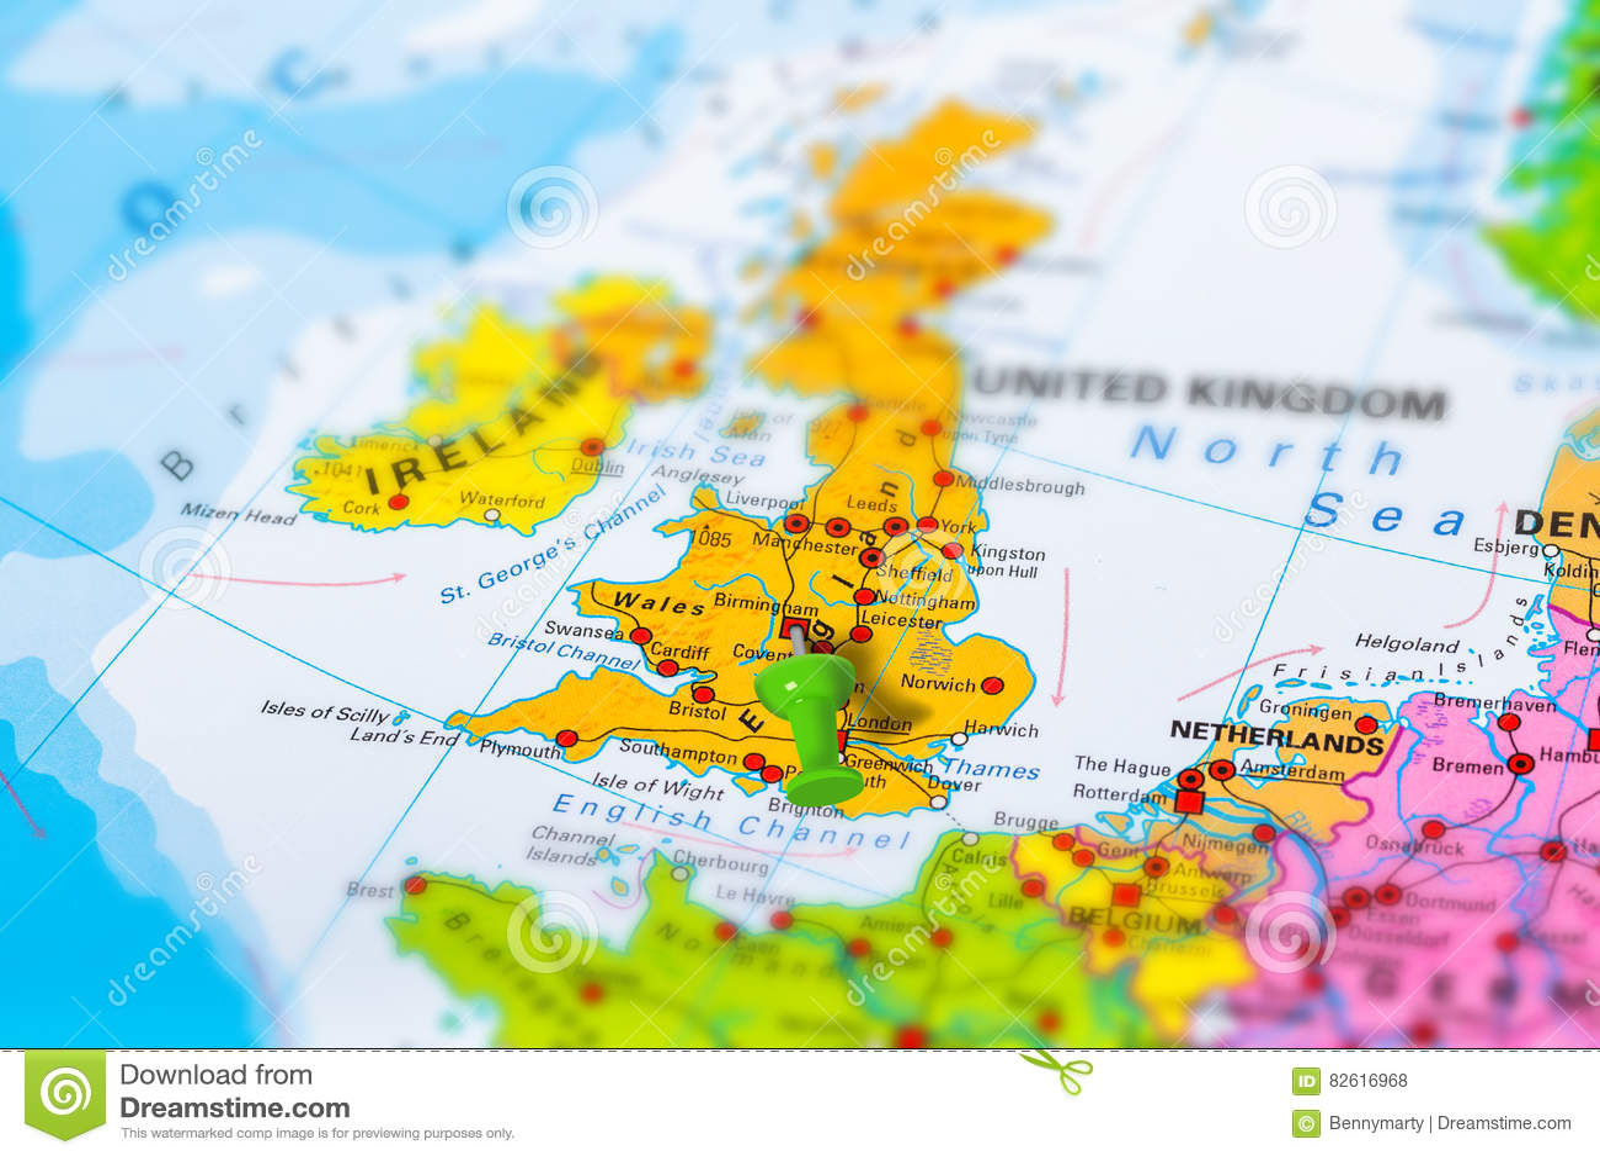 Birmingham UK map stock photo. Image of europe, landmark ... on large map of europe, artistic map of europe, old world map of europe, generic map of europe, printable geographic map of europe, linguistic map of europe, environment map of europe, political map of europe, industrial map of europe, show me a map of europe, military map of europe, ecological map of europe, tactical map of europe, cultural map of europe, global map of europe, international map of europe, historical map of europe, future map of europe, legal map of europe,